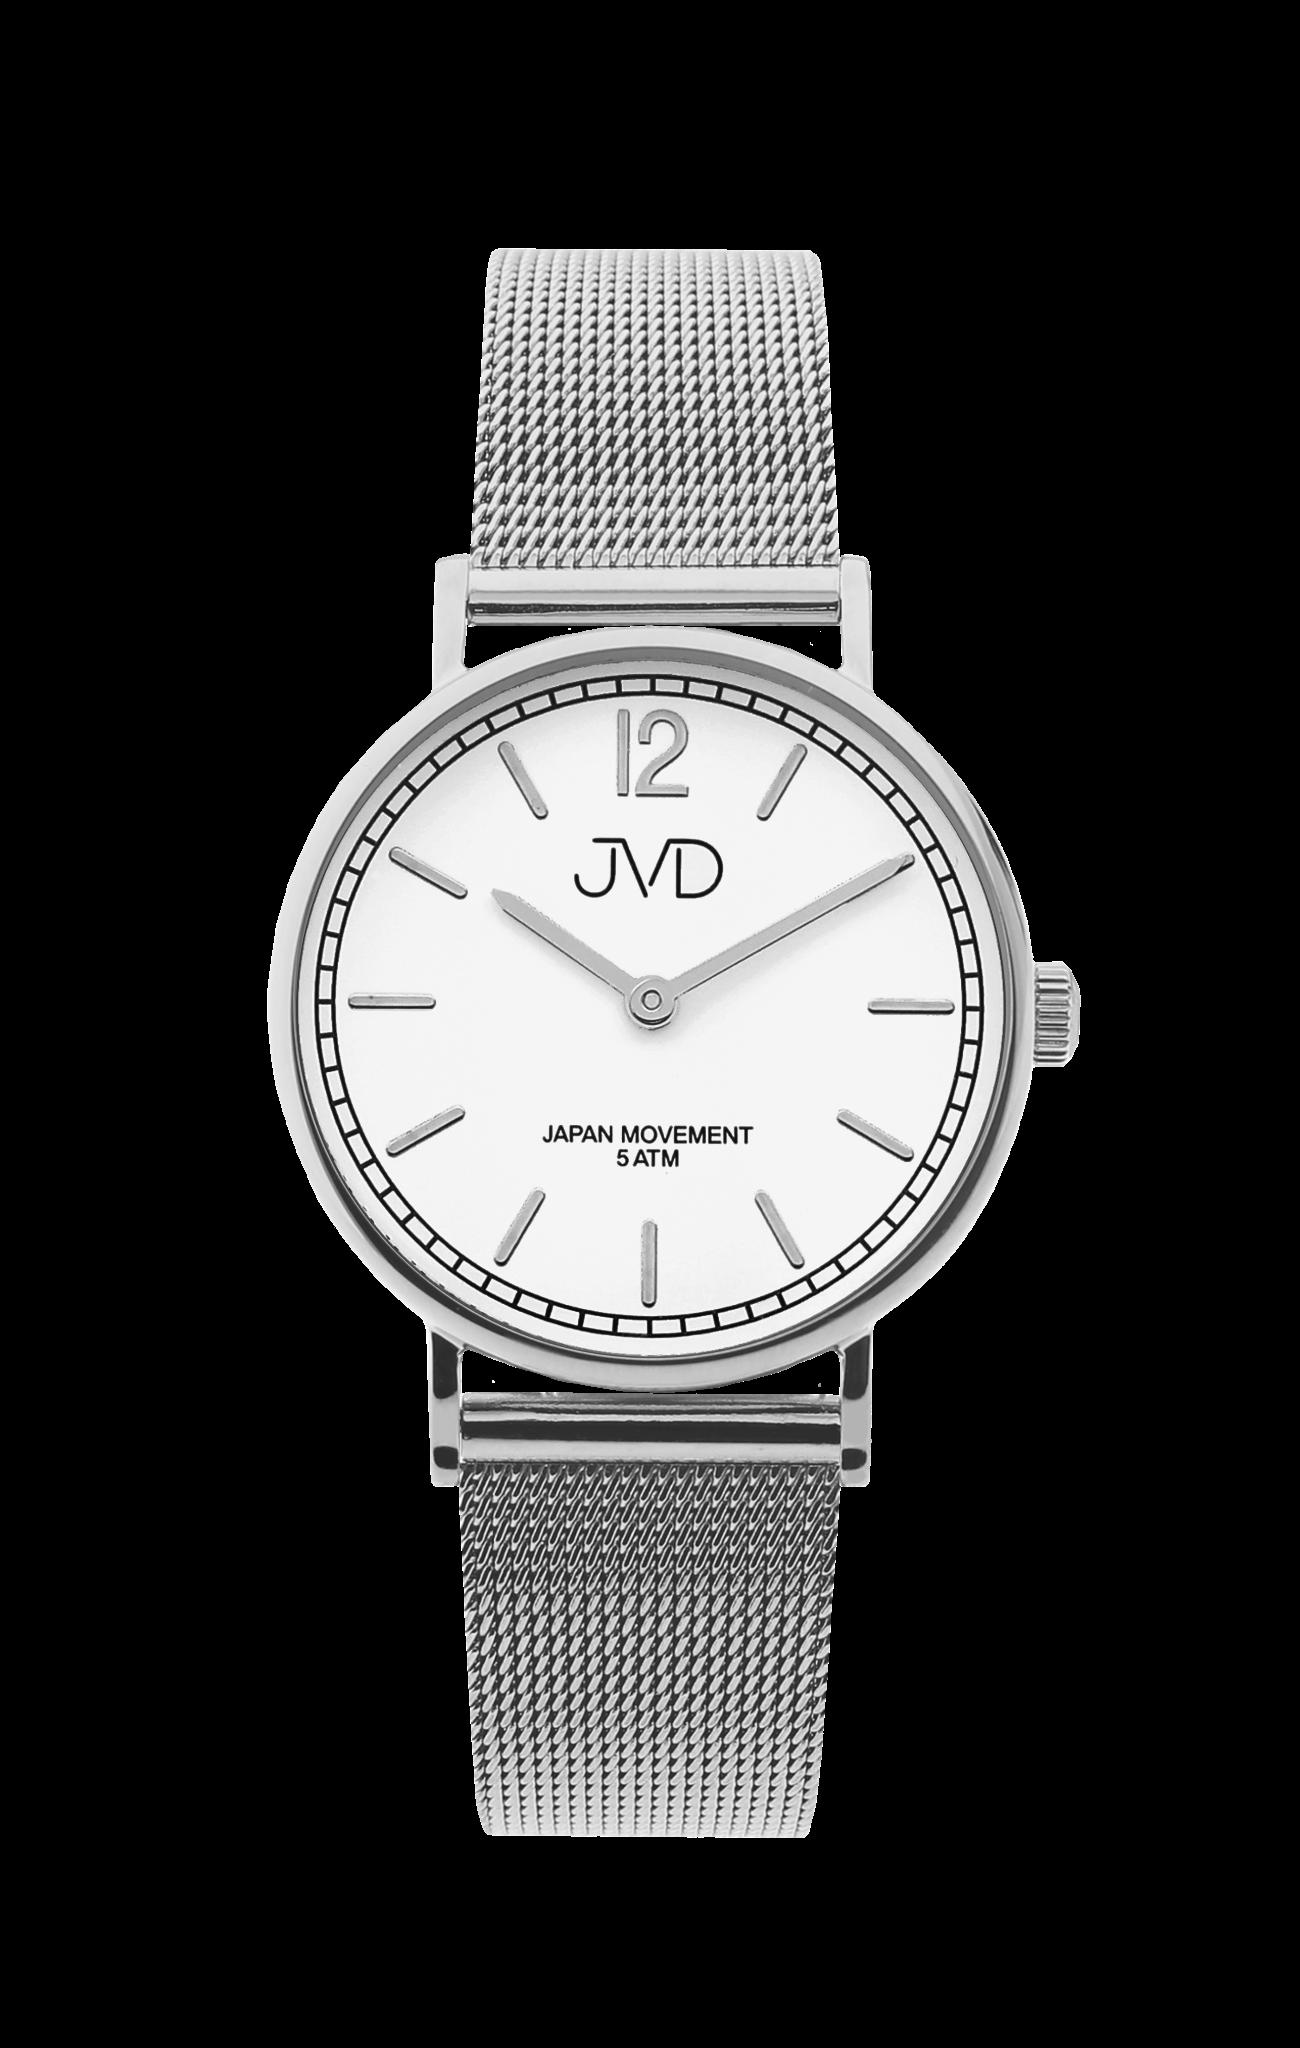 Náramkové hodinky JVD J4164.1 - sk  94d83ed90e2